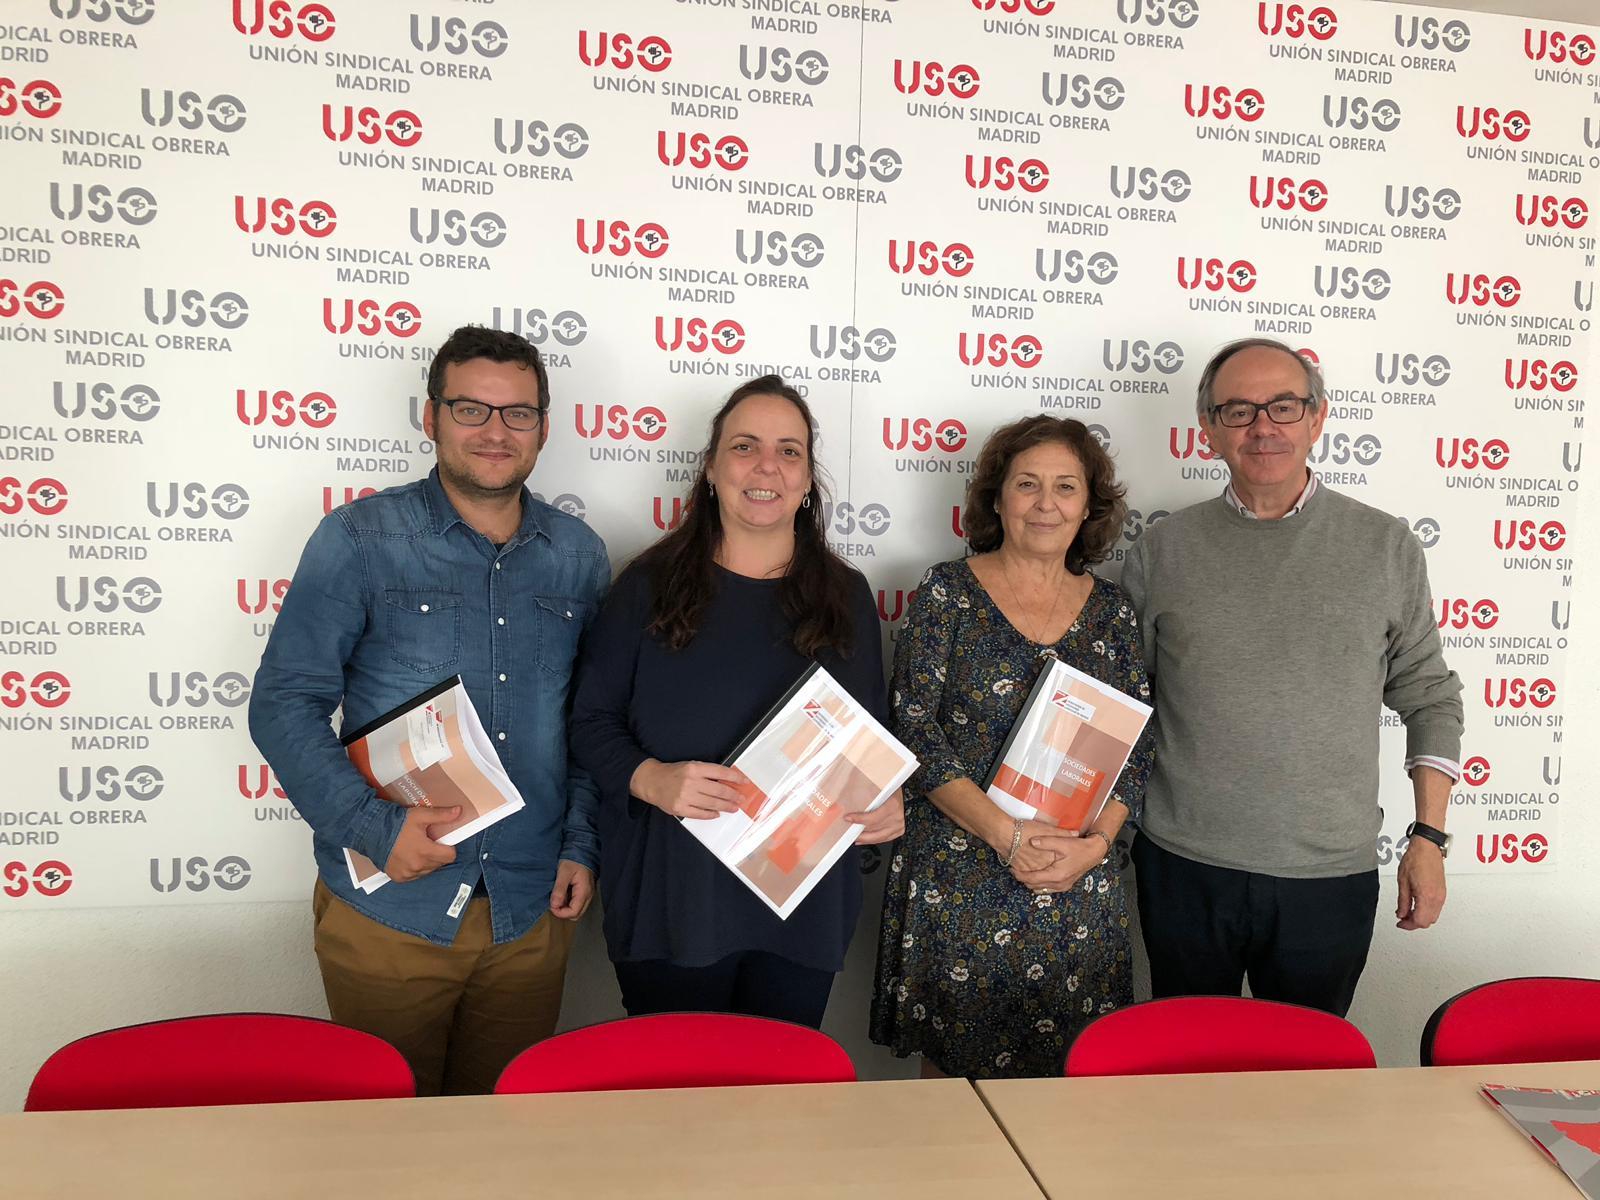 USO-Madrid y ASALMA asesorarán a trabajadores interesados en el modelo de Sociedad Laboral